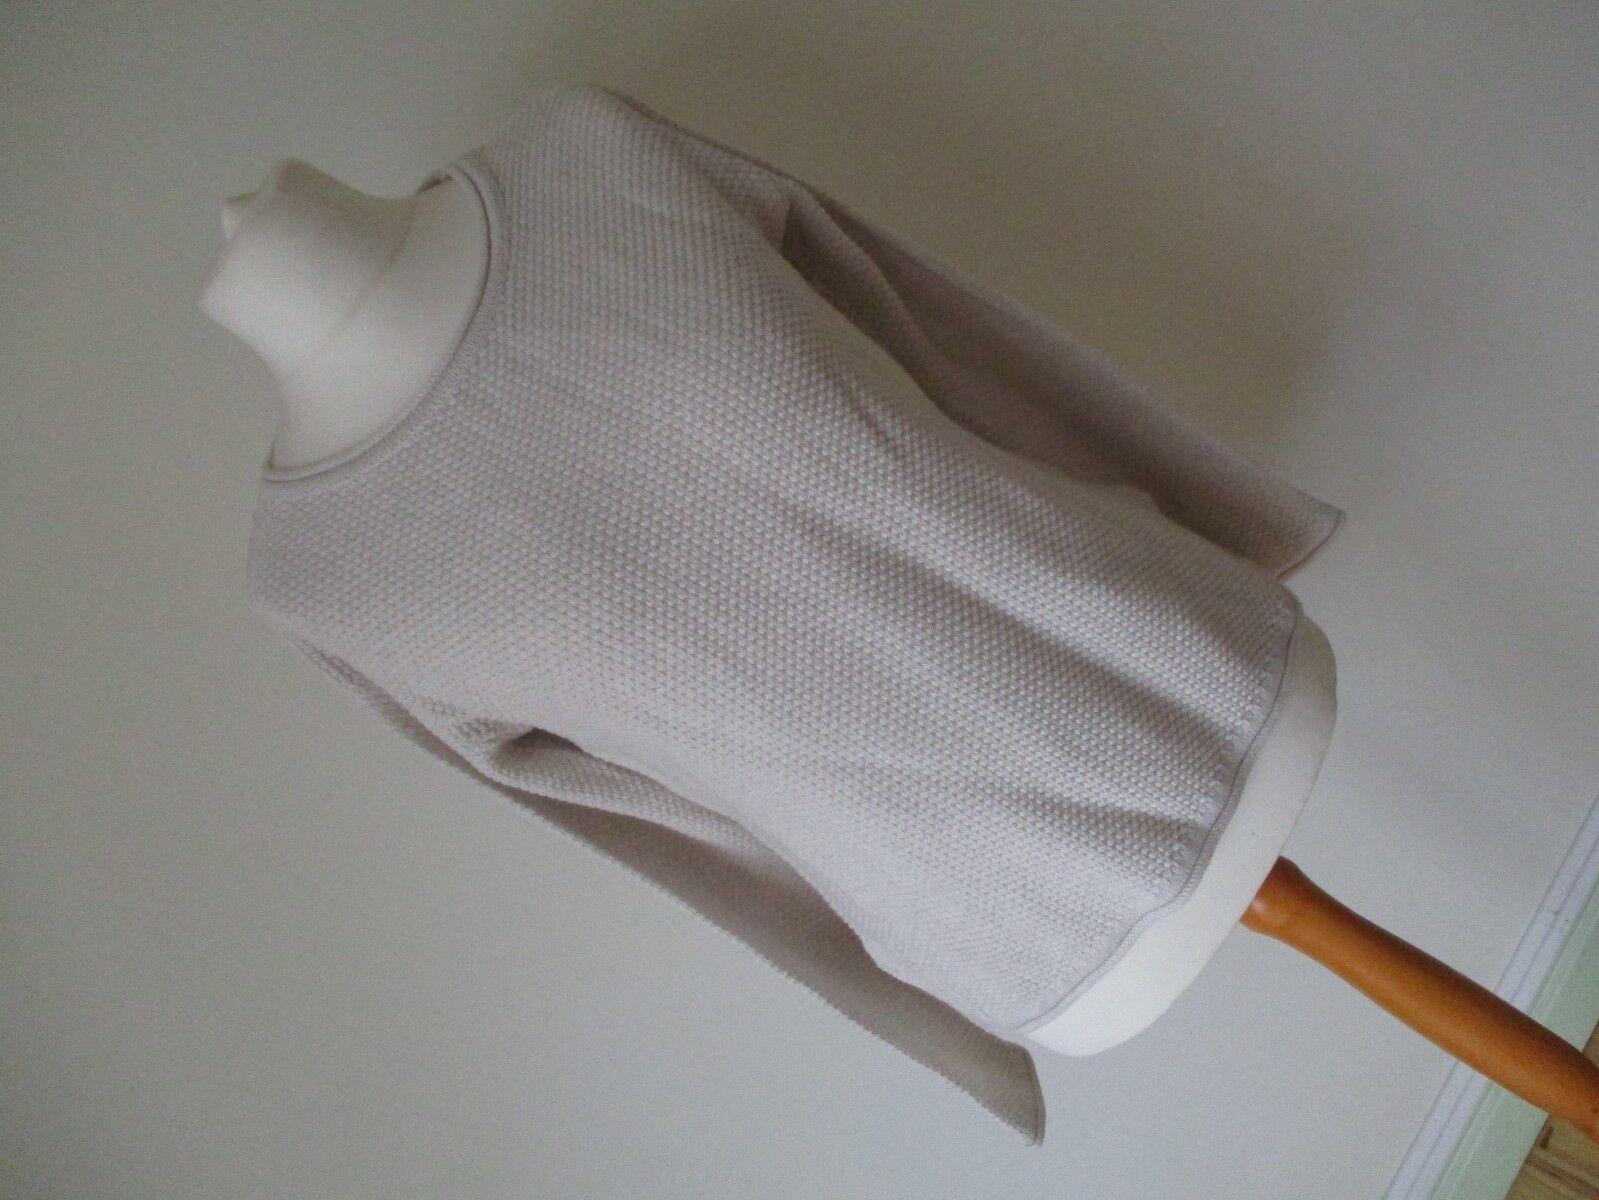 BNWT CREW CLOTHING Ladies 100% Cotton Cream Natural Jumper  8 - 10 UK   RRP